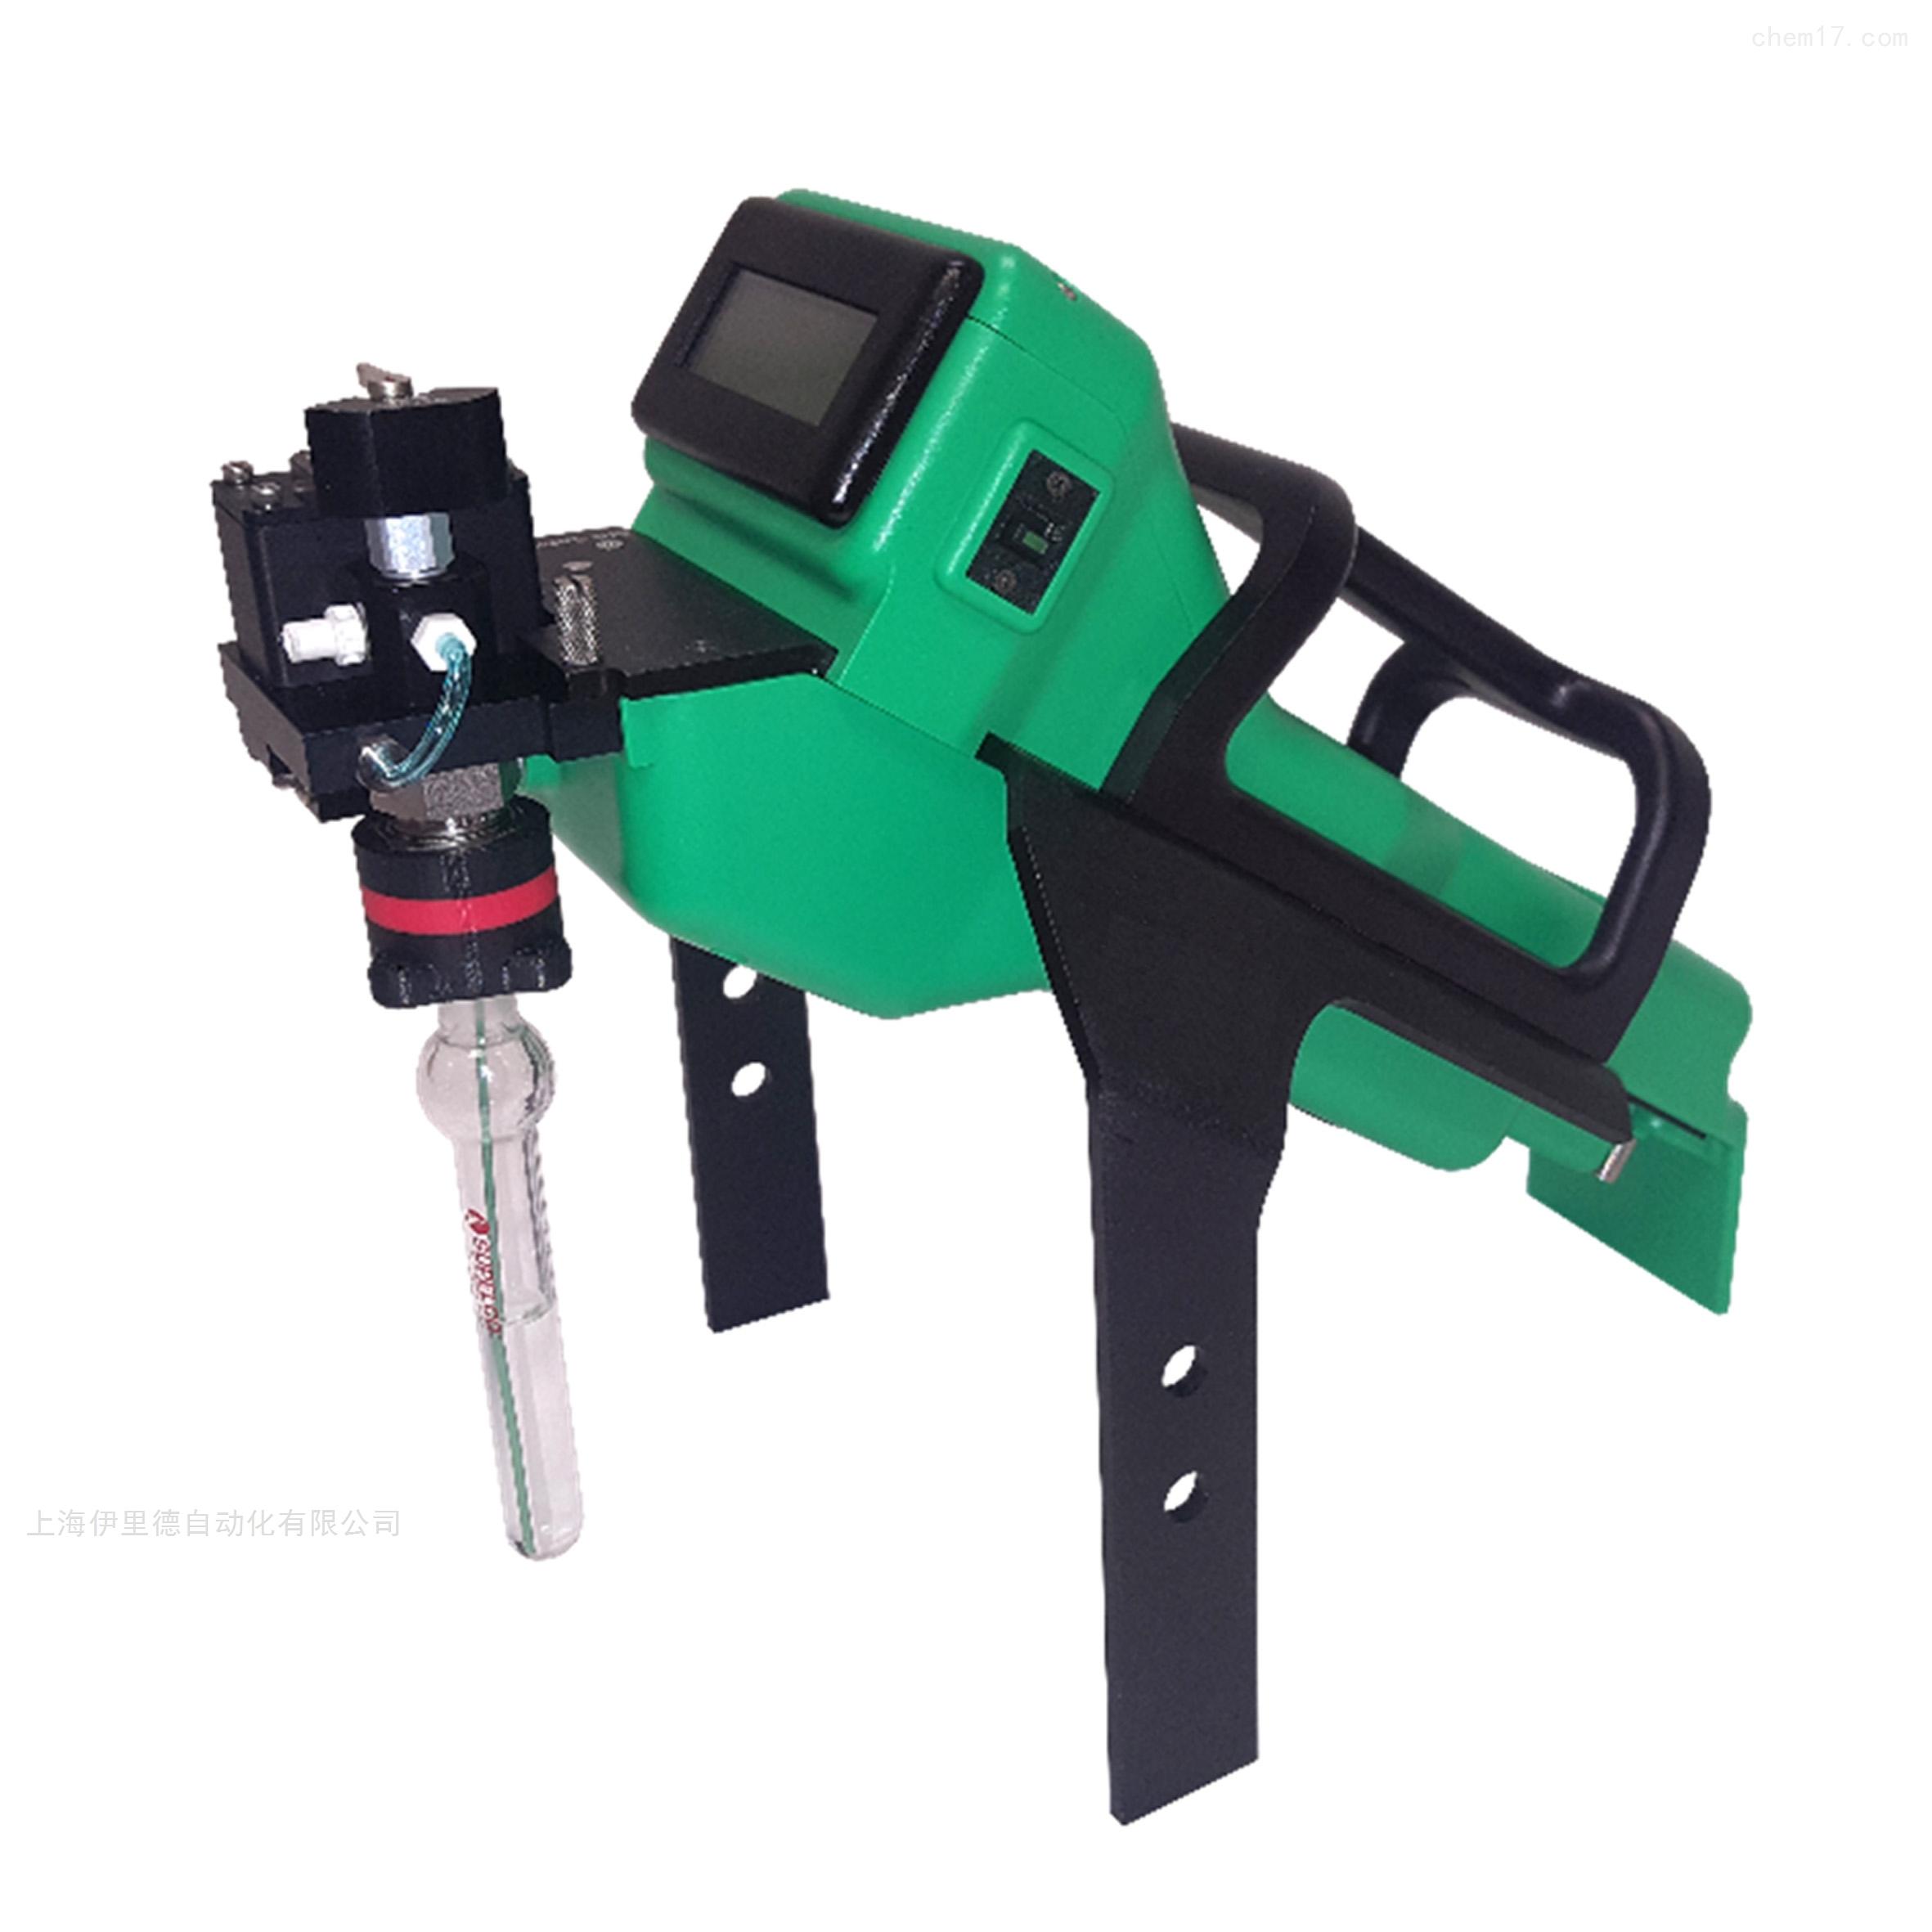 美国CAI便携式气体分析仪原装正品